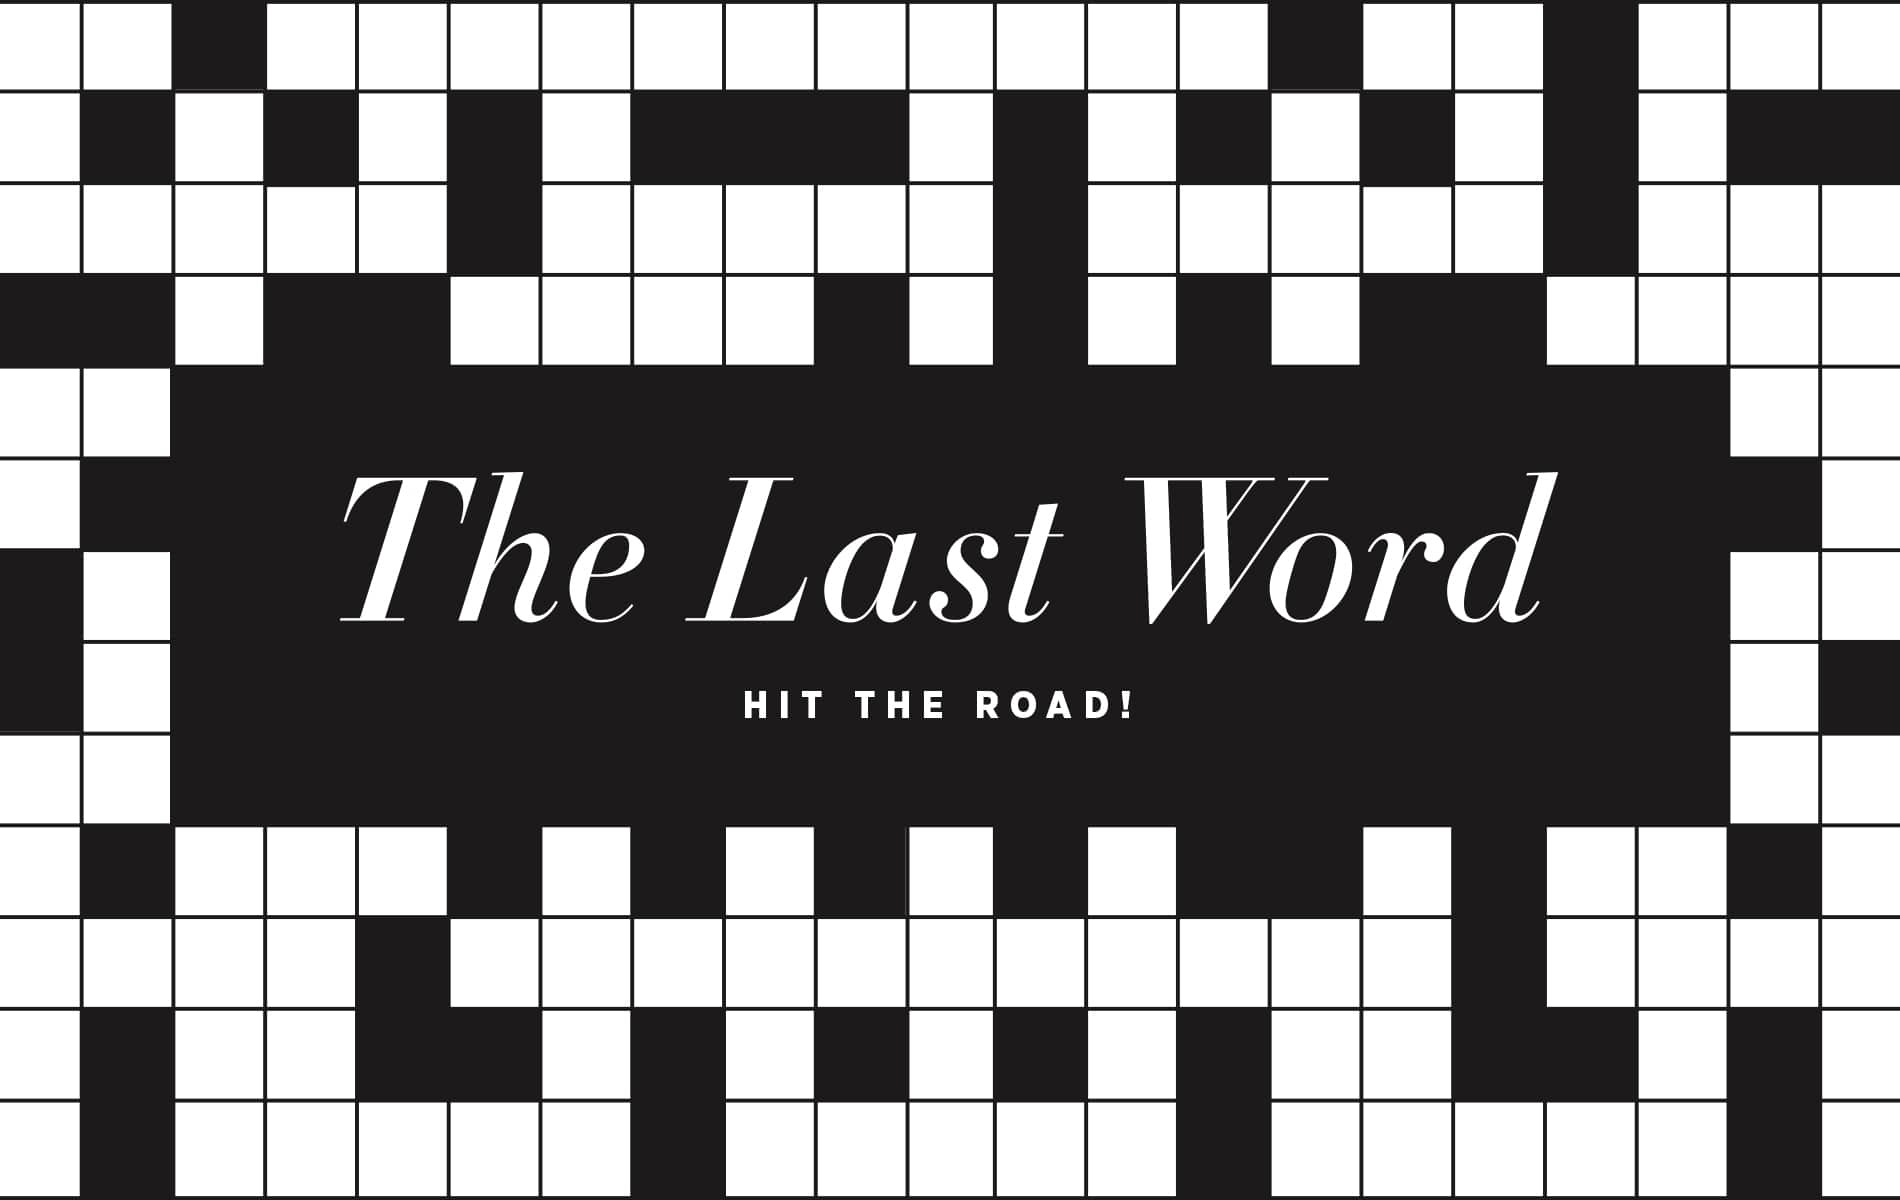 VIE magazine, VIE Crossword Puzzle, Crossword Puzzle, Myles Mellor